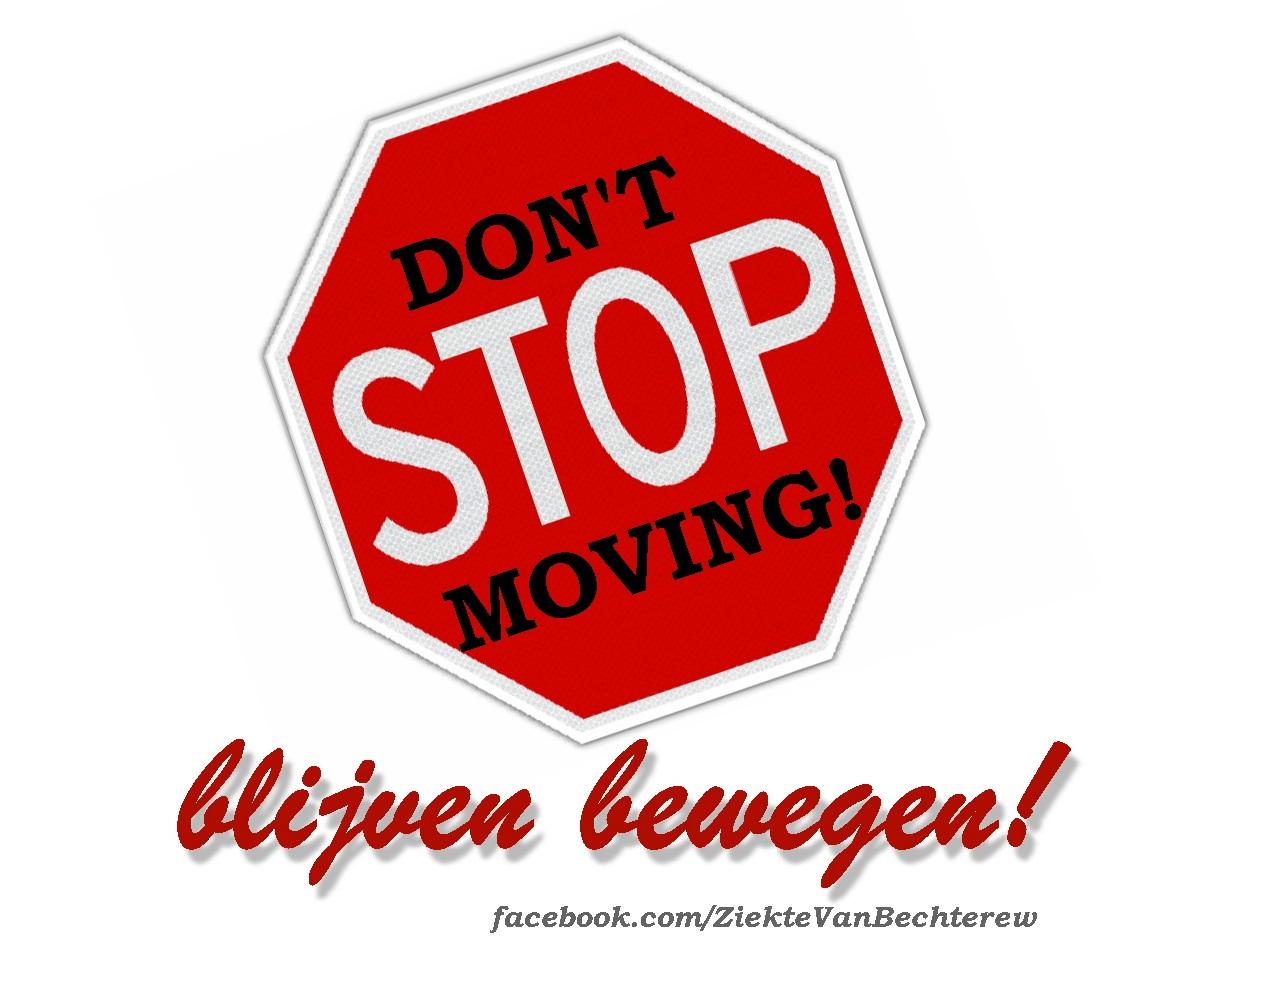 spreuken over bewegen Bechterew: blijven bewegen! | SpondyGazet spreuken over bewegen